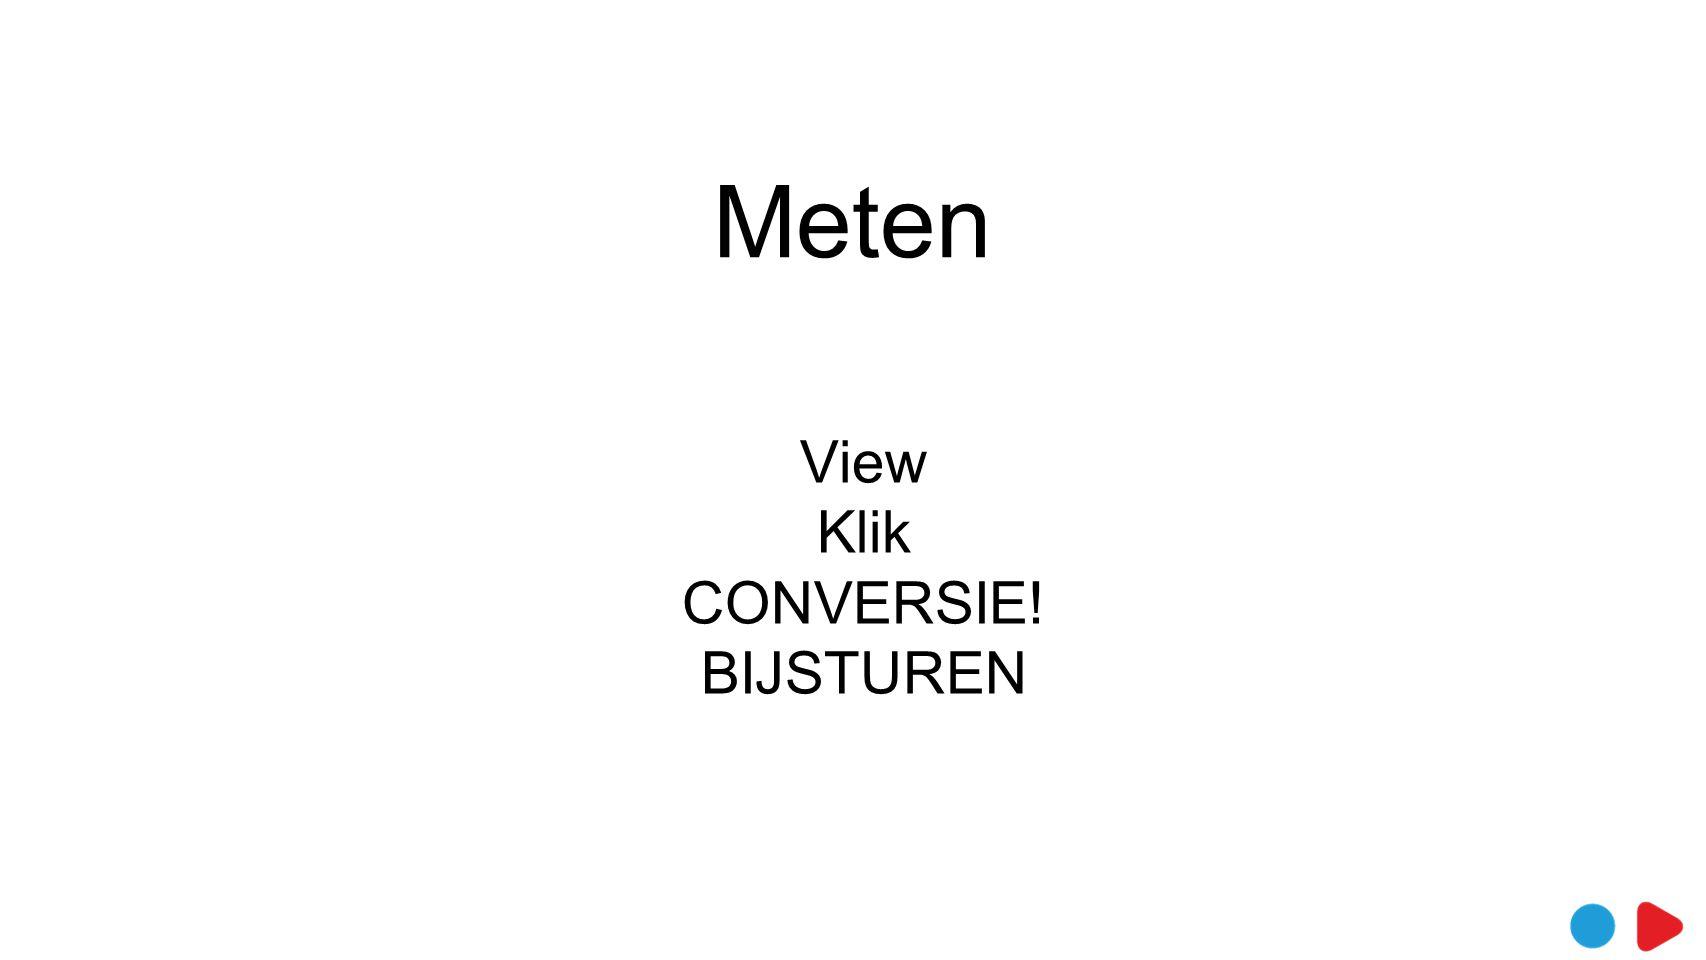 Meten View Klik CONVERSIE! BIJSTUREN